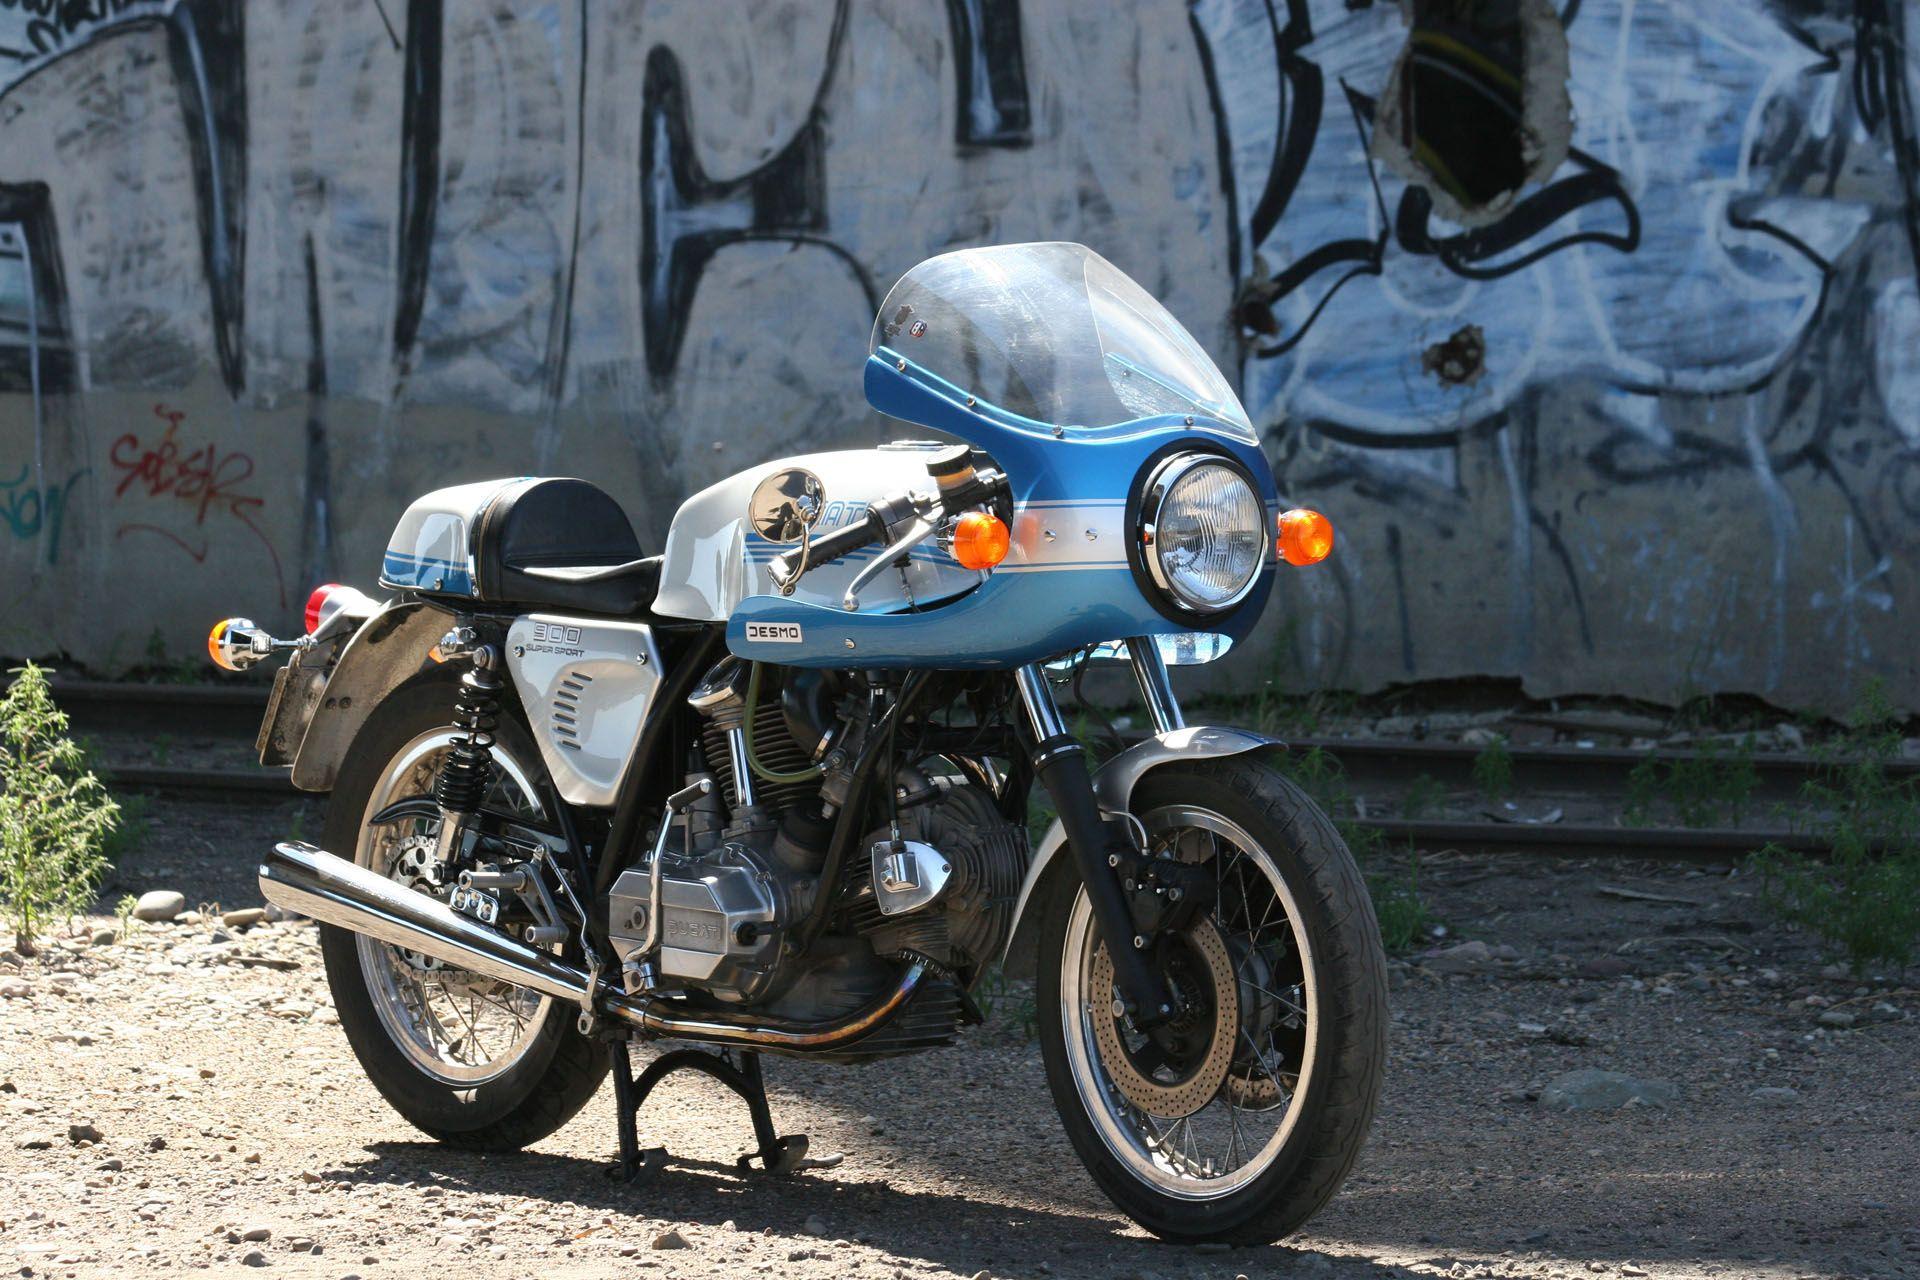 Ducati 900ss Desmo Ducatimeccanica Com For Vintage And Classic